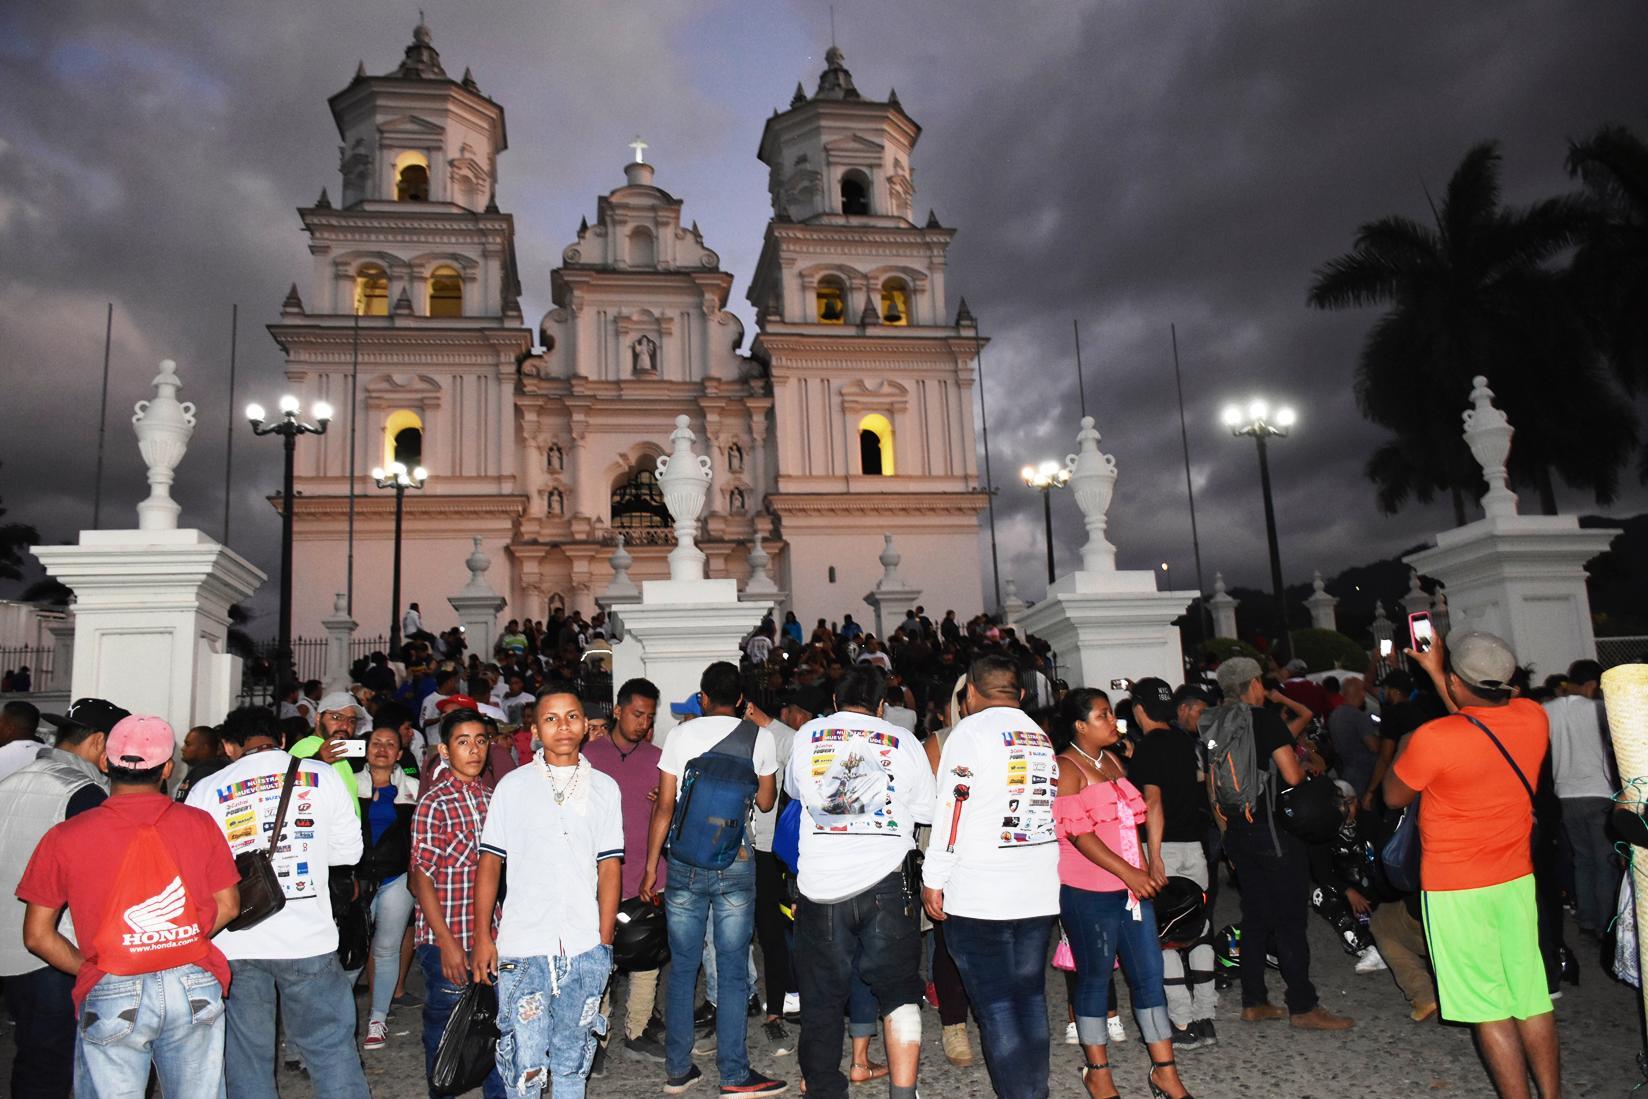 Ingreso a la Basílica de los motoristas que llegaron en la Caravana del Zorro. (Foto Prensa Libre: Mario Morales)